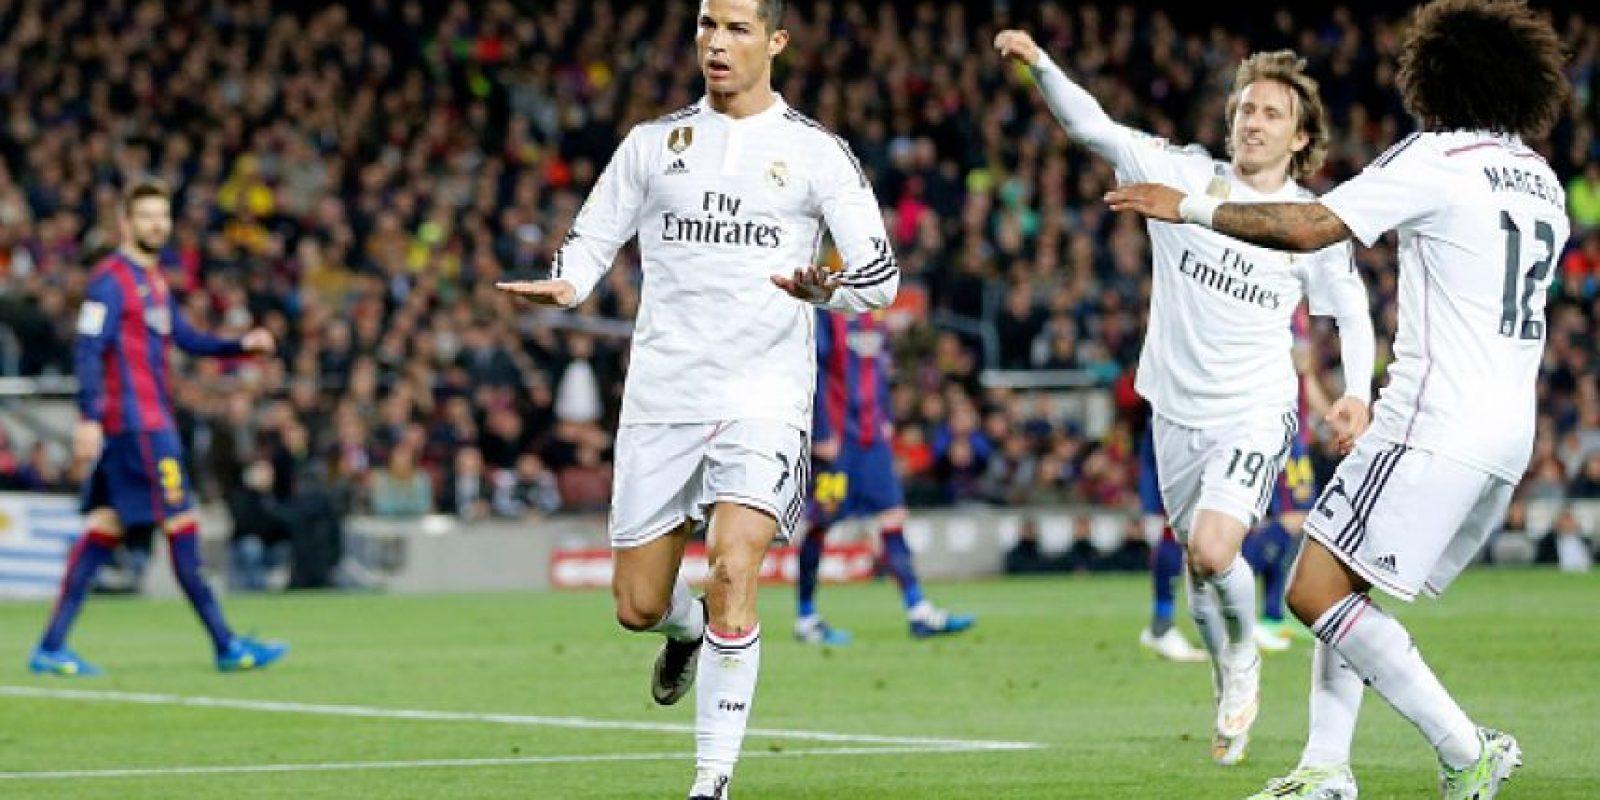 En octubre de 2013, Cristiano celebró con un saludo militar, luego de que Joseph Blatter, presidente de la FIFA, elogiara a Messi y se burlara de él llamándolo 'comandante'. Foto:Getty Images